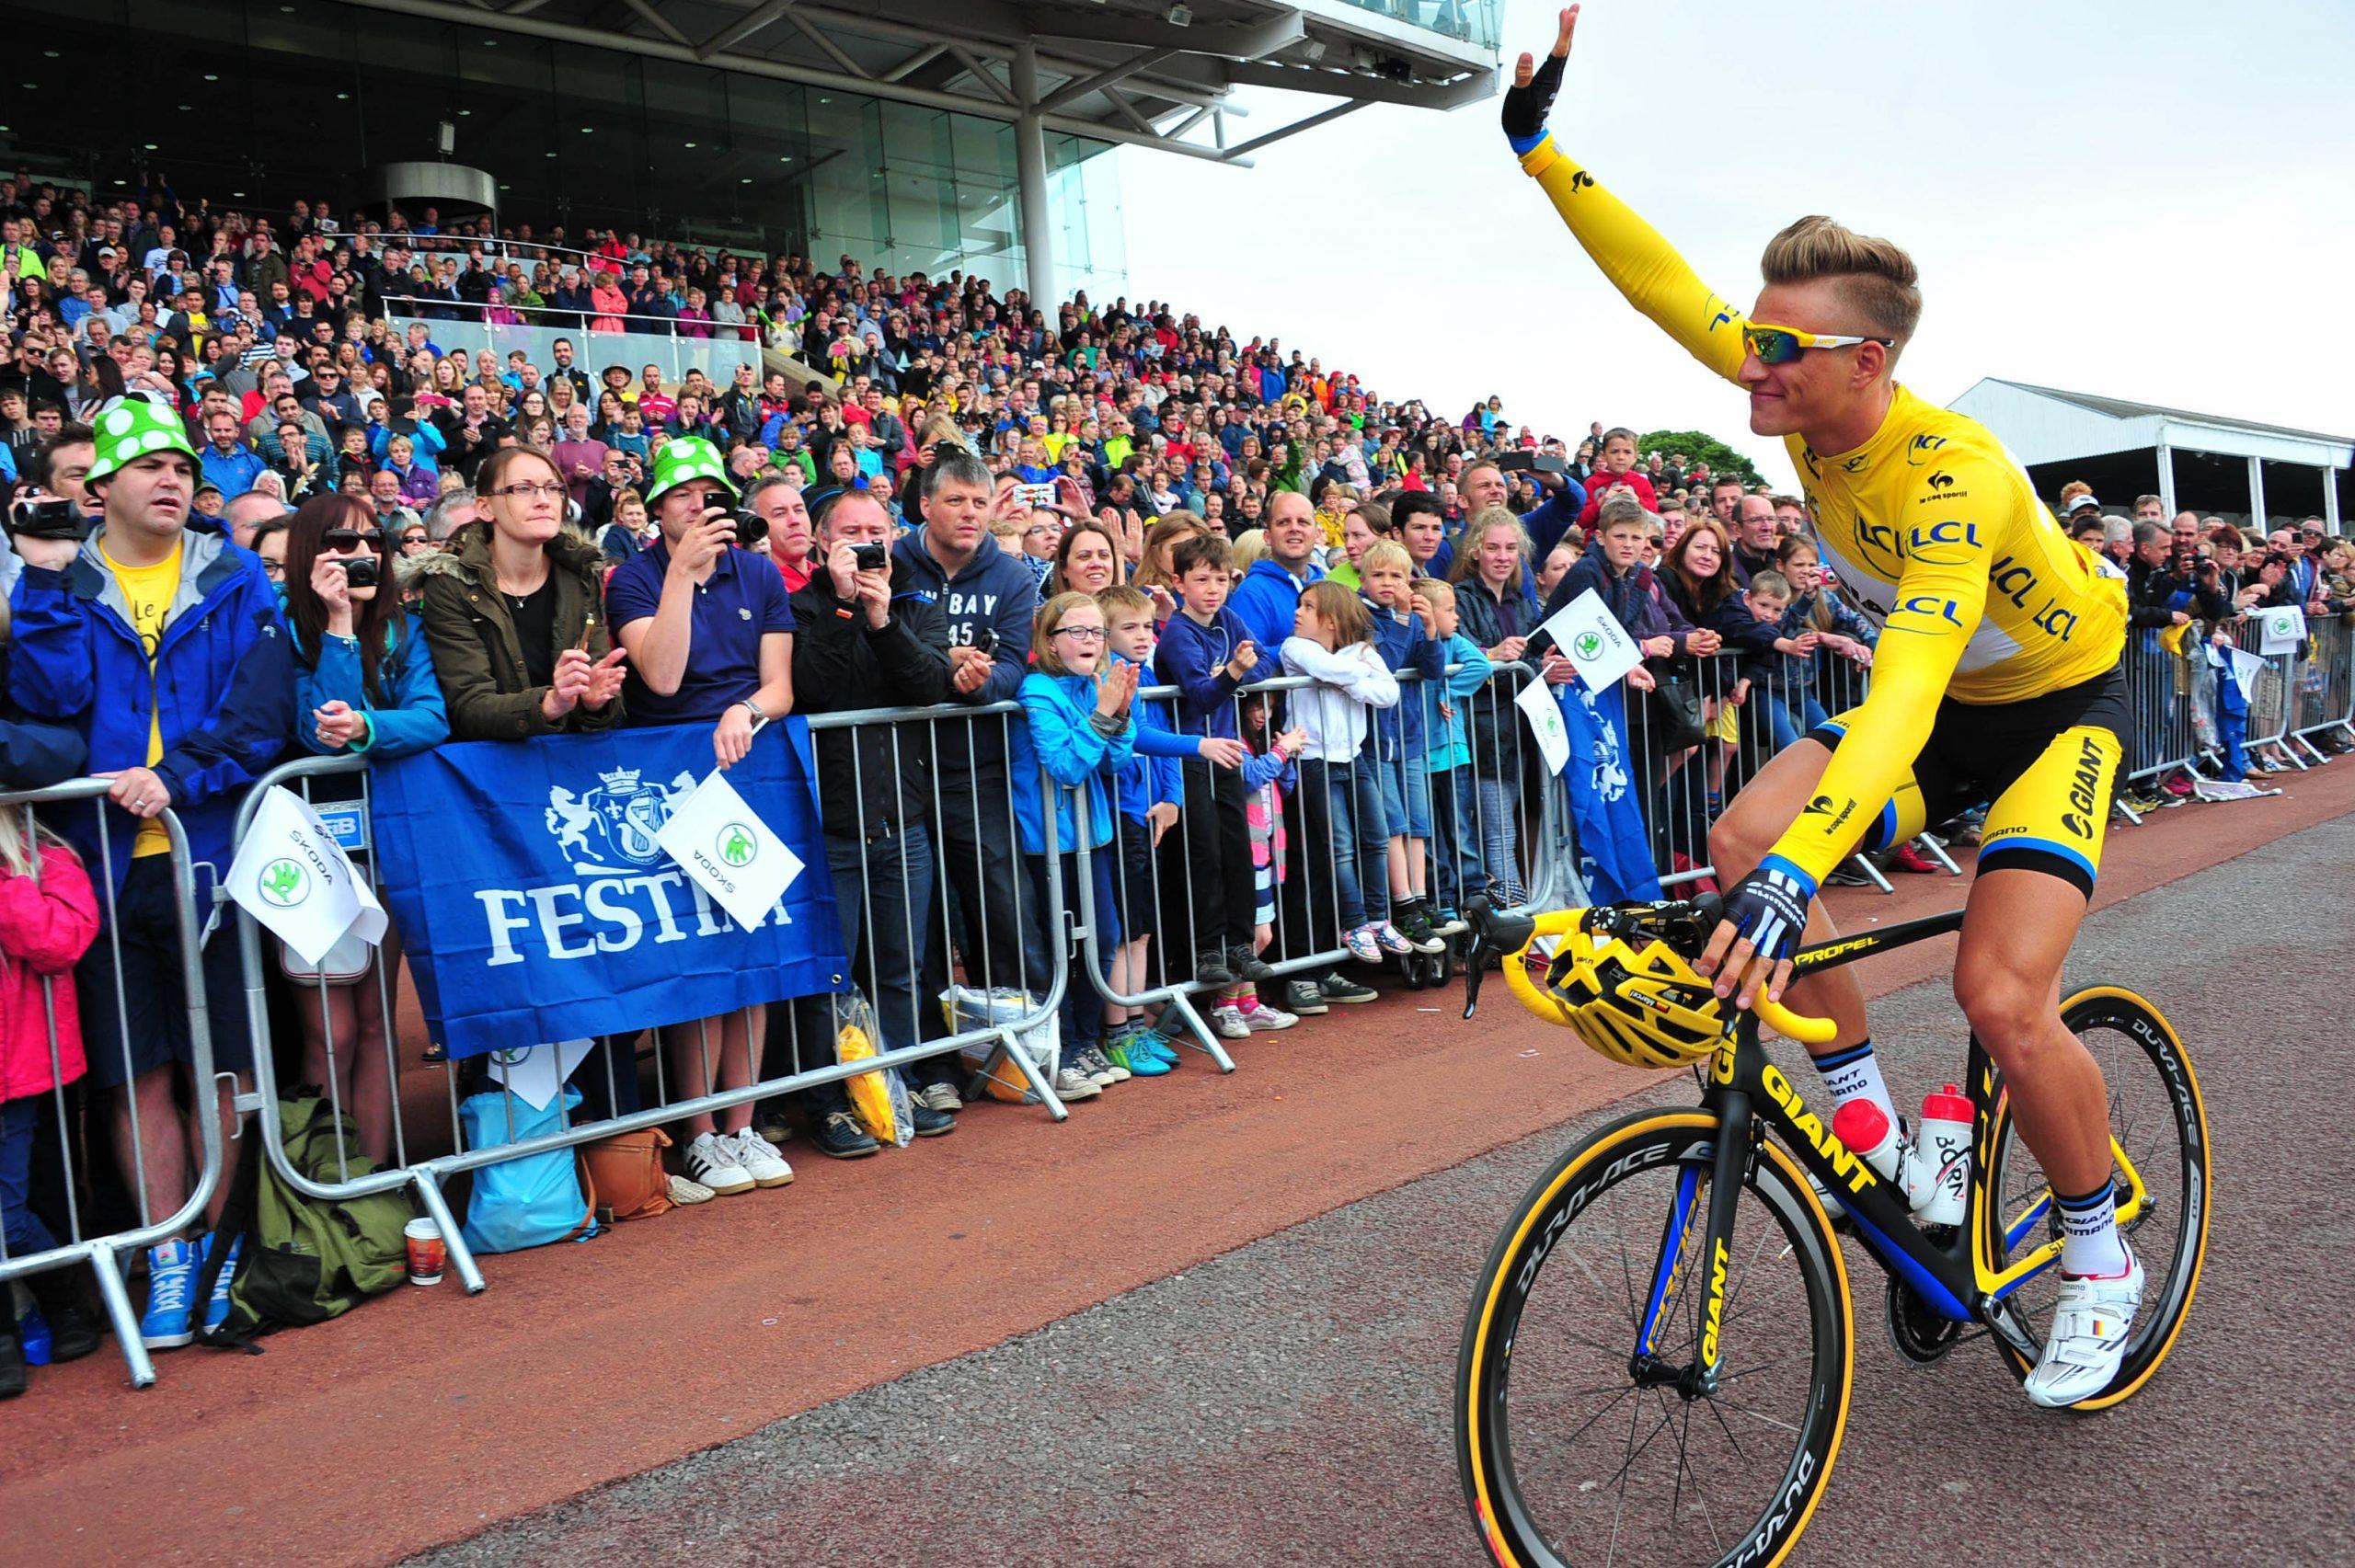 Ahogy egy évvel korábban, idén is egy nap után elköszönt a sárga trikótól Marcel Kittel (Fotó: Stefano Sirotti / sirotti.it)